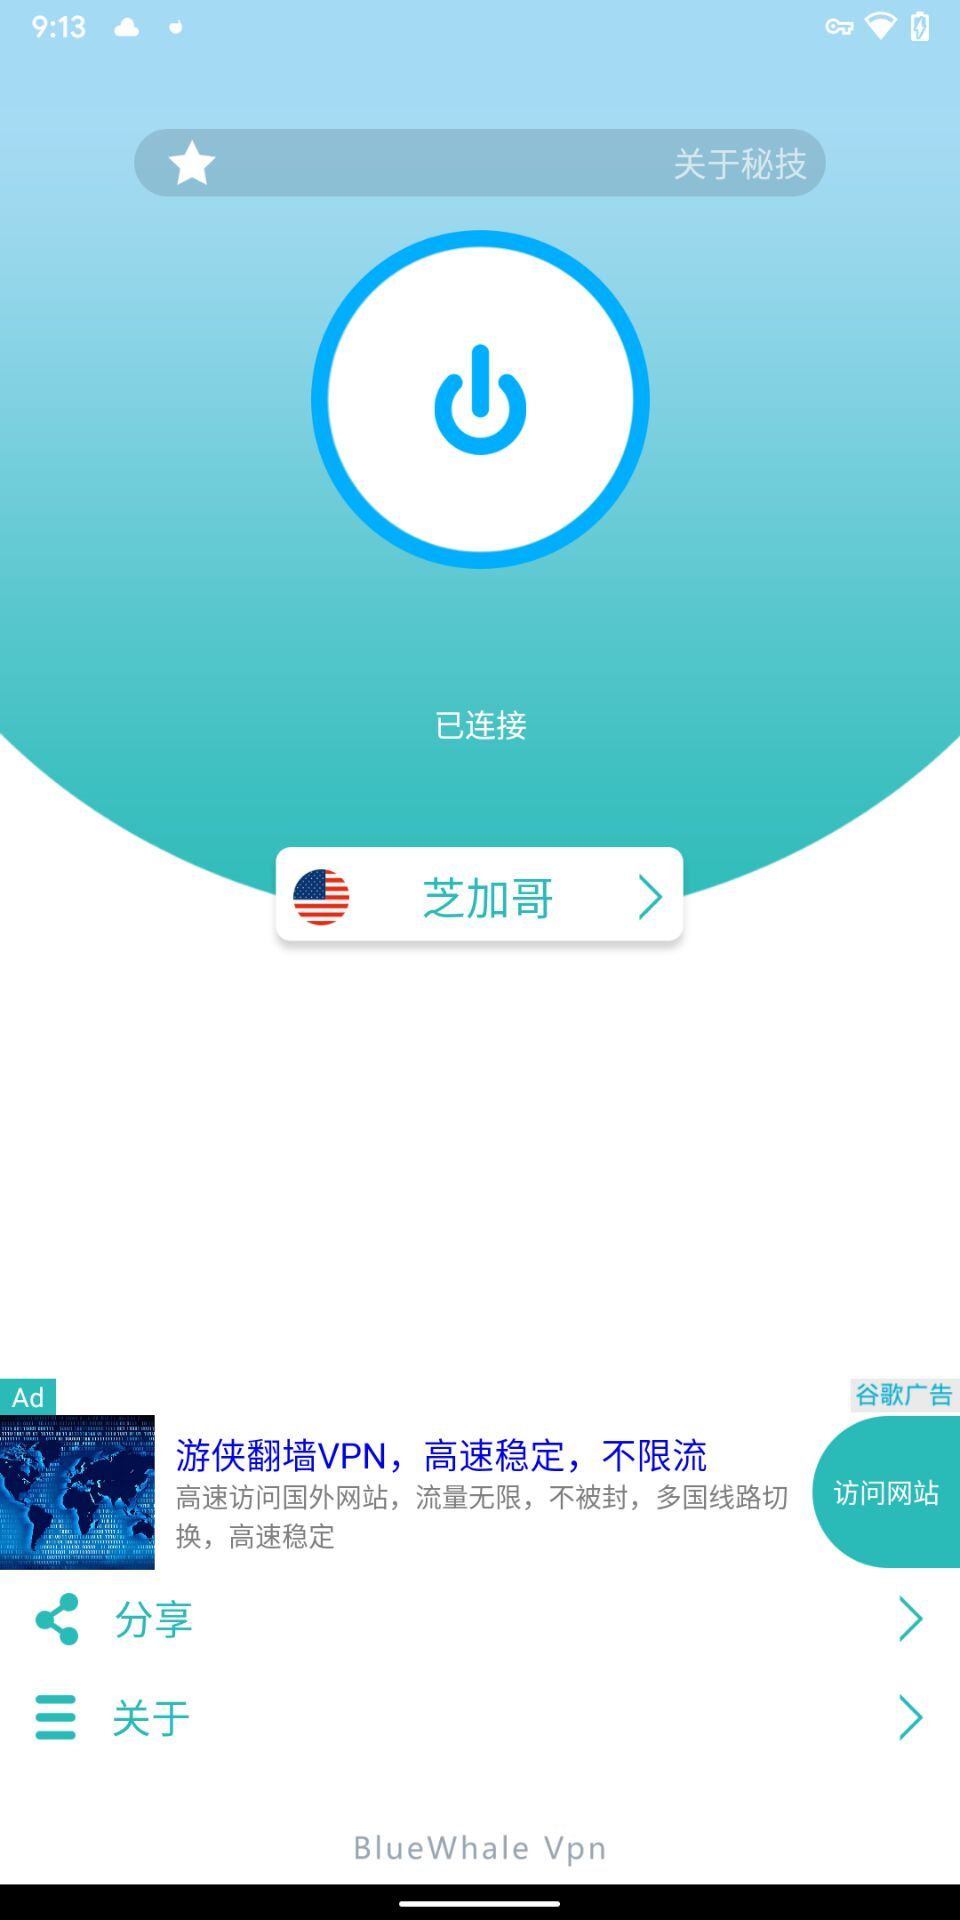 安卓蓝鲸最新版加速器秒上谷歌(感谢群友分享)